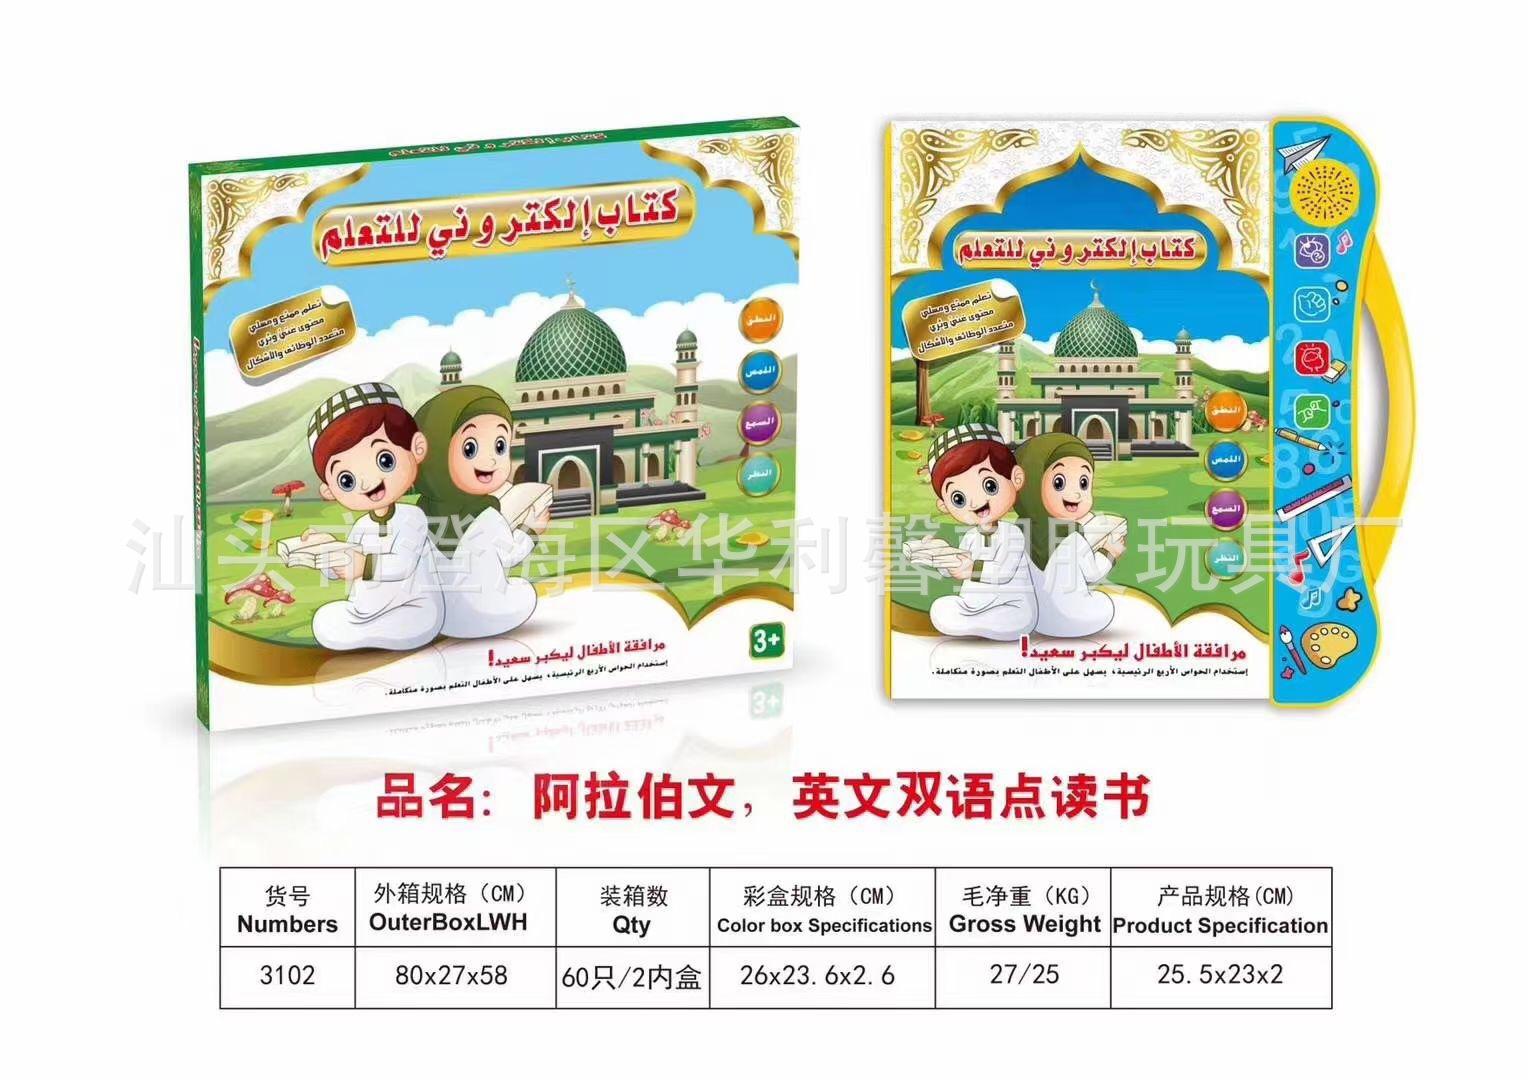 Nguồn Cung Cấp Tiếng Trung Quốc Và Tiếng Anh Tiếng Việt Đọc Điểm Trẻ Em  Giáo Dục Đồ Chơi Học Tập Thông Minh Âm Thanh Điện Tử, Đồ Chơi